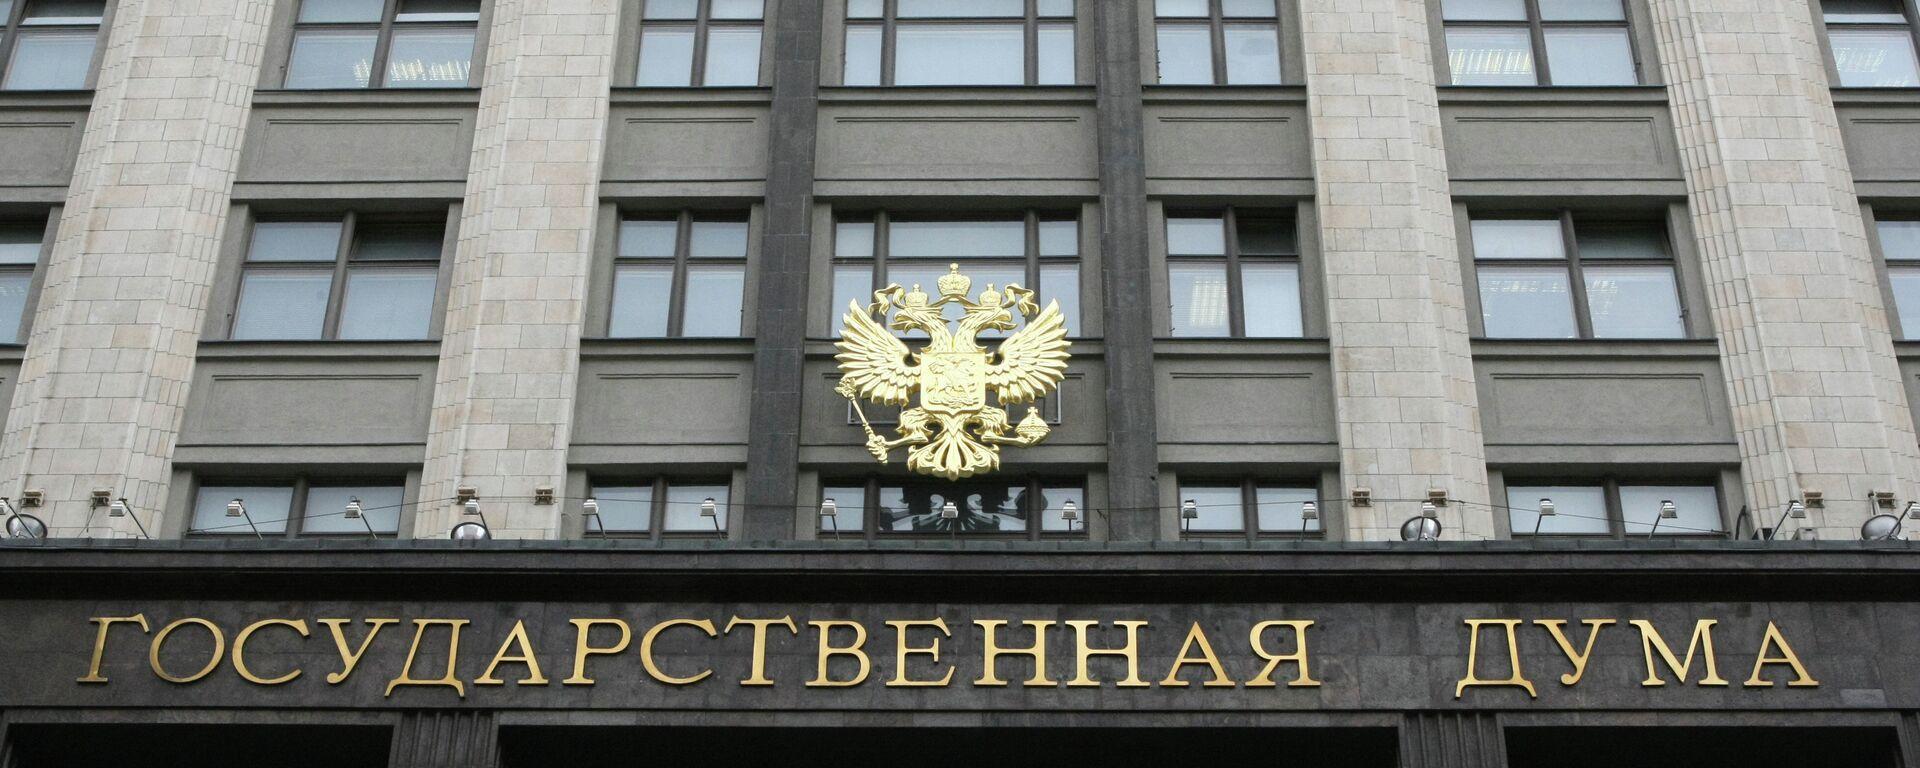 Здание Государственной Думы РФ - Sputnik Грузия, 1920, 17.09.2021